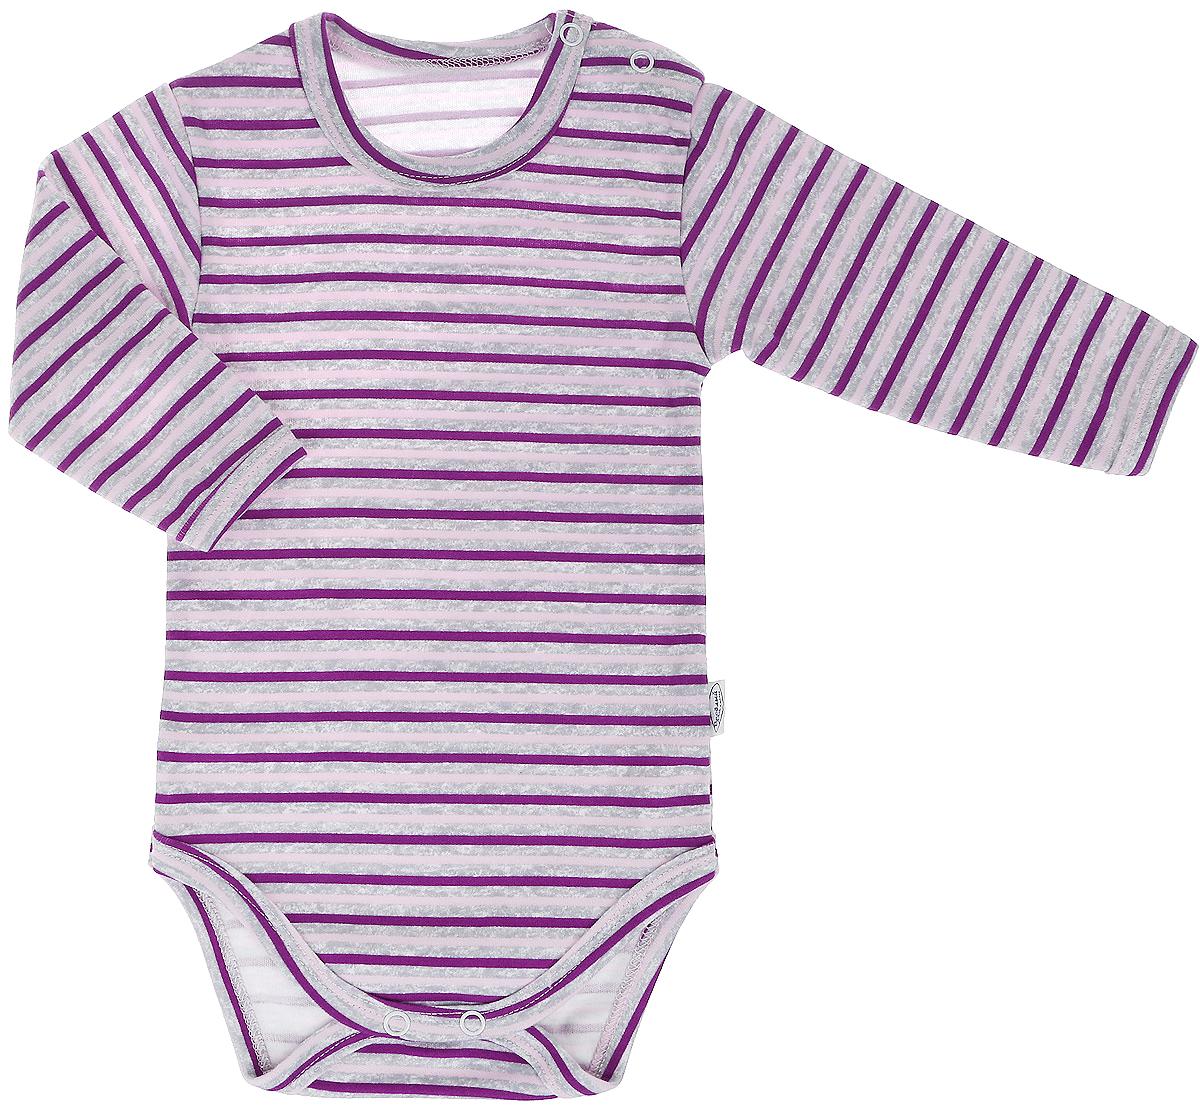 Боди для девочки Веселый малыш One, цвет: розовый. 46152/One-B (1). Размер 62 боди для девочки spasilk цвет розовый 4 шт on s4hs3 размер 52 62 0 3 месяца